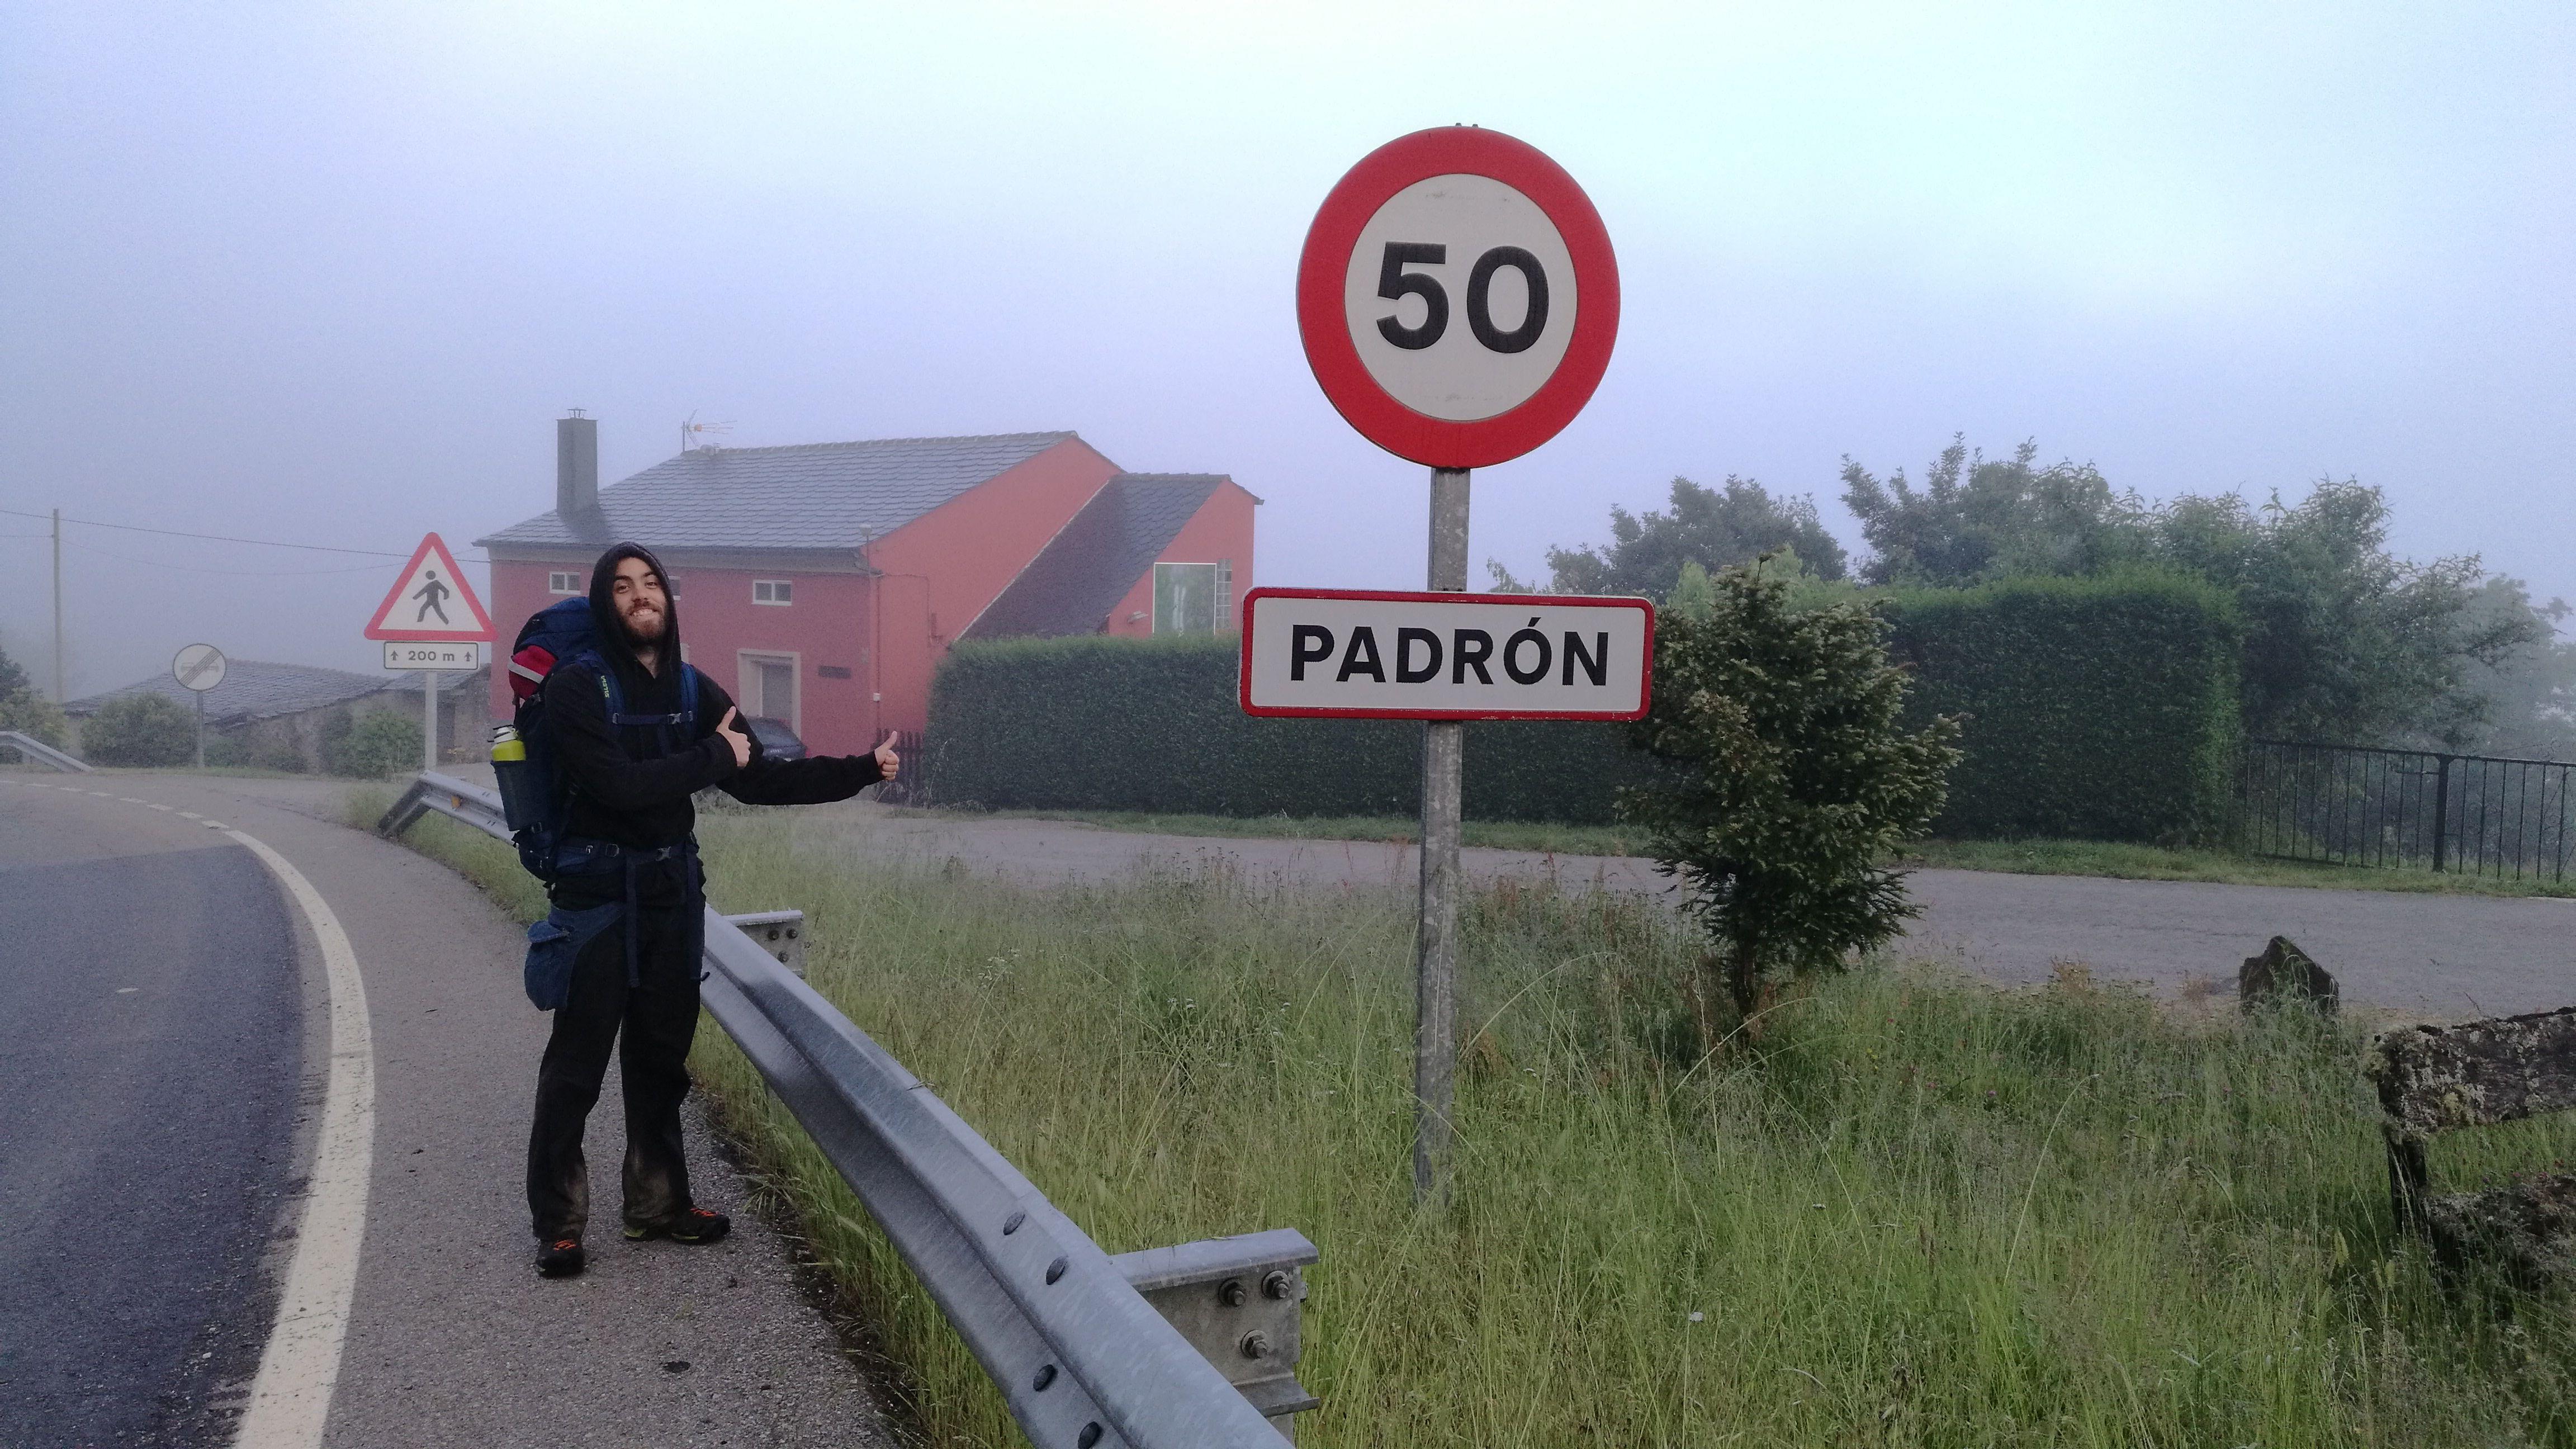 Entrando al pueblo de Padrón